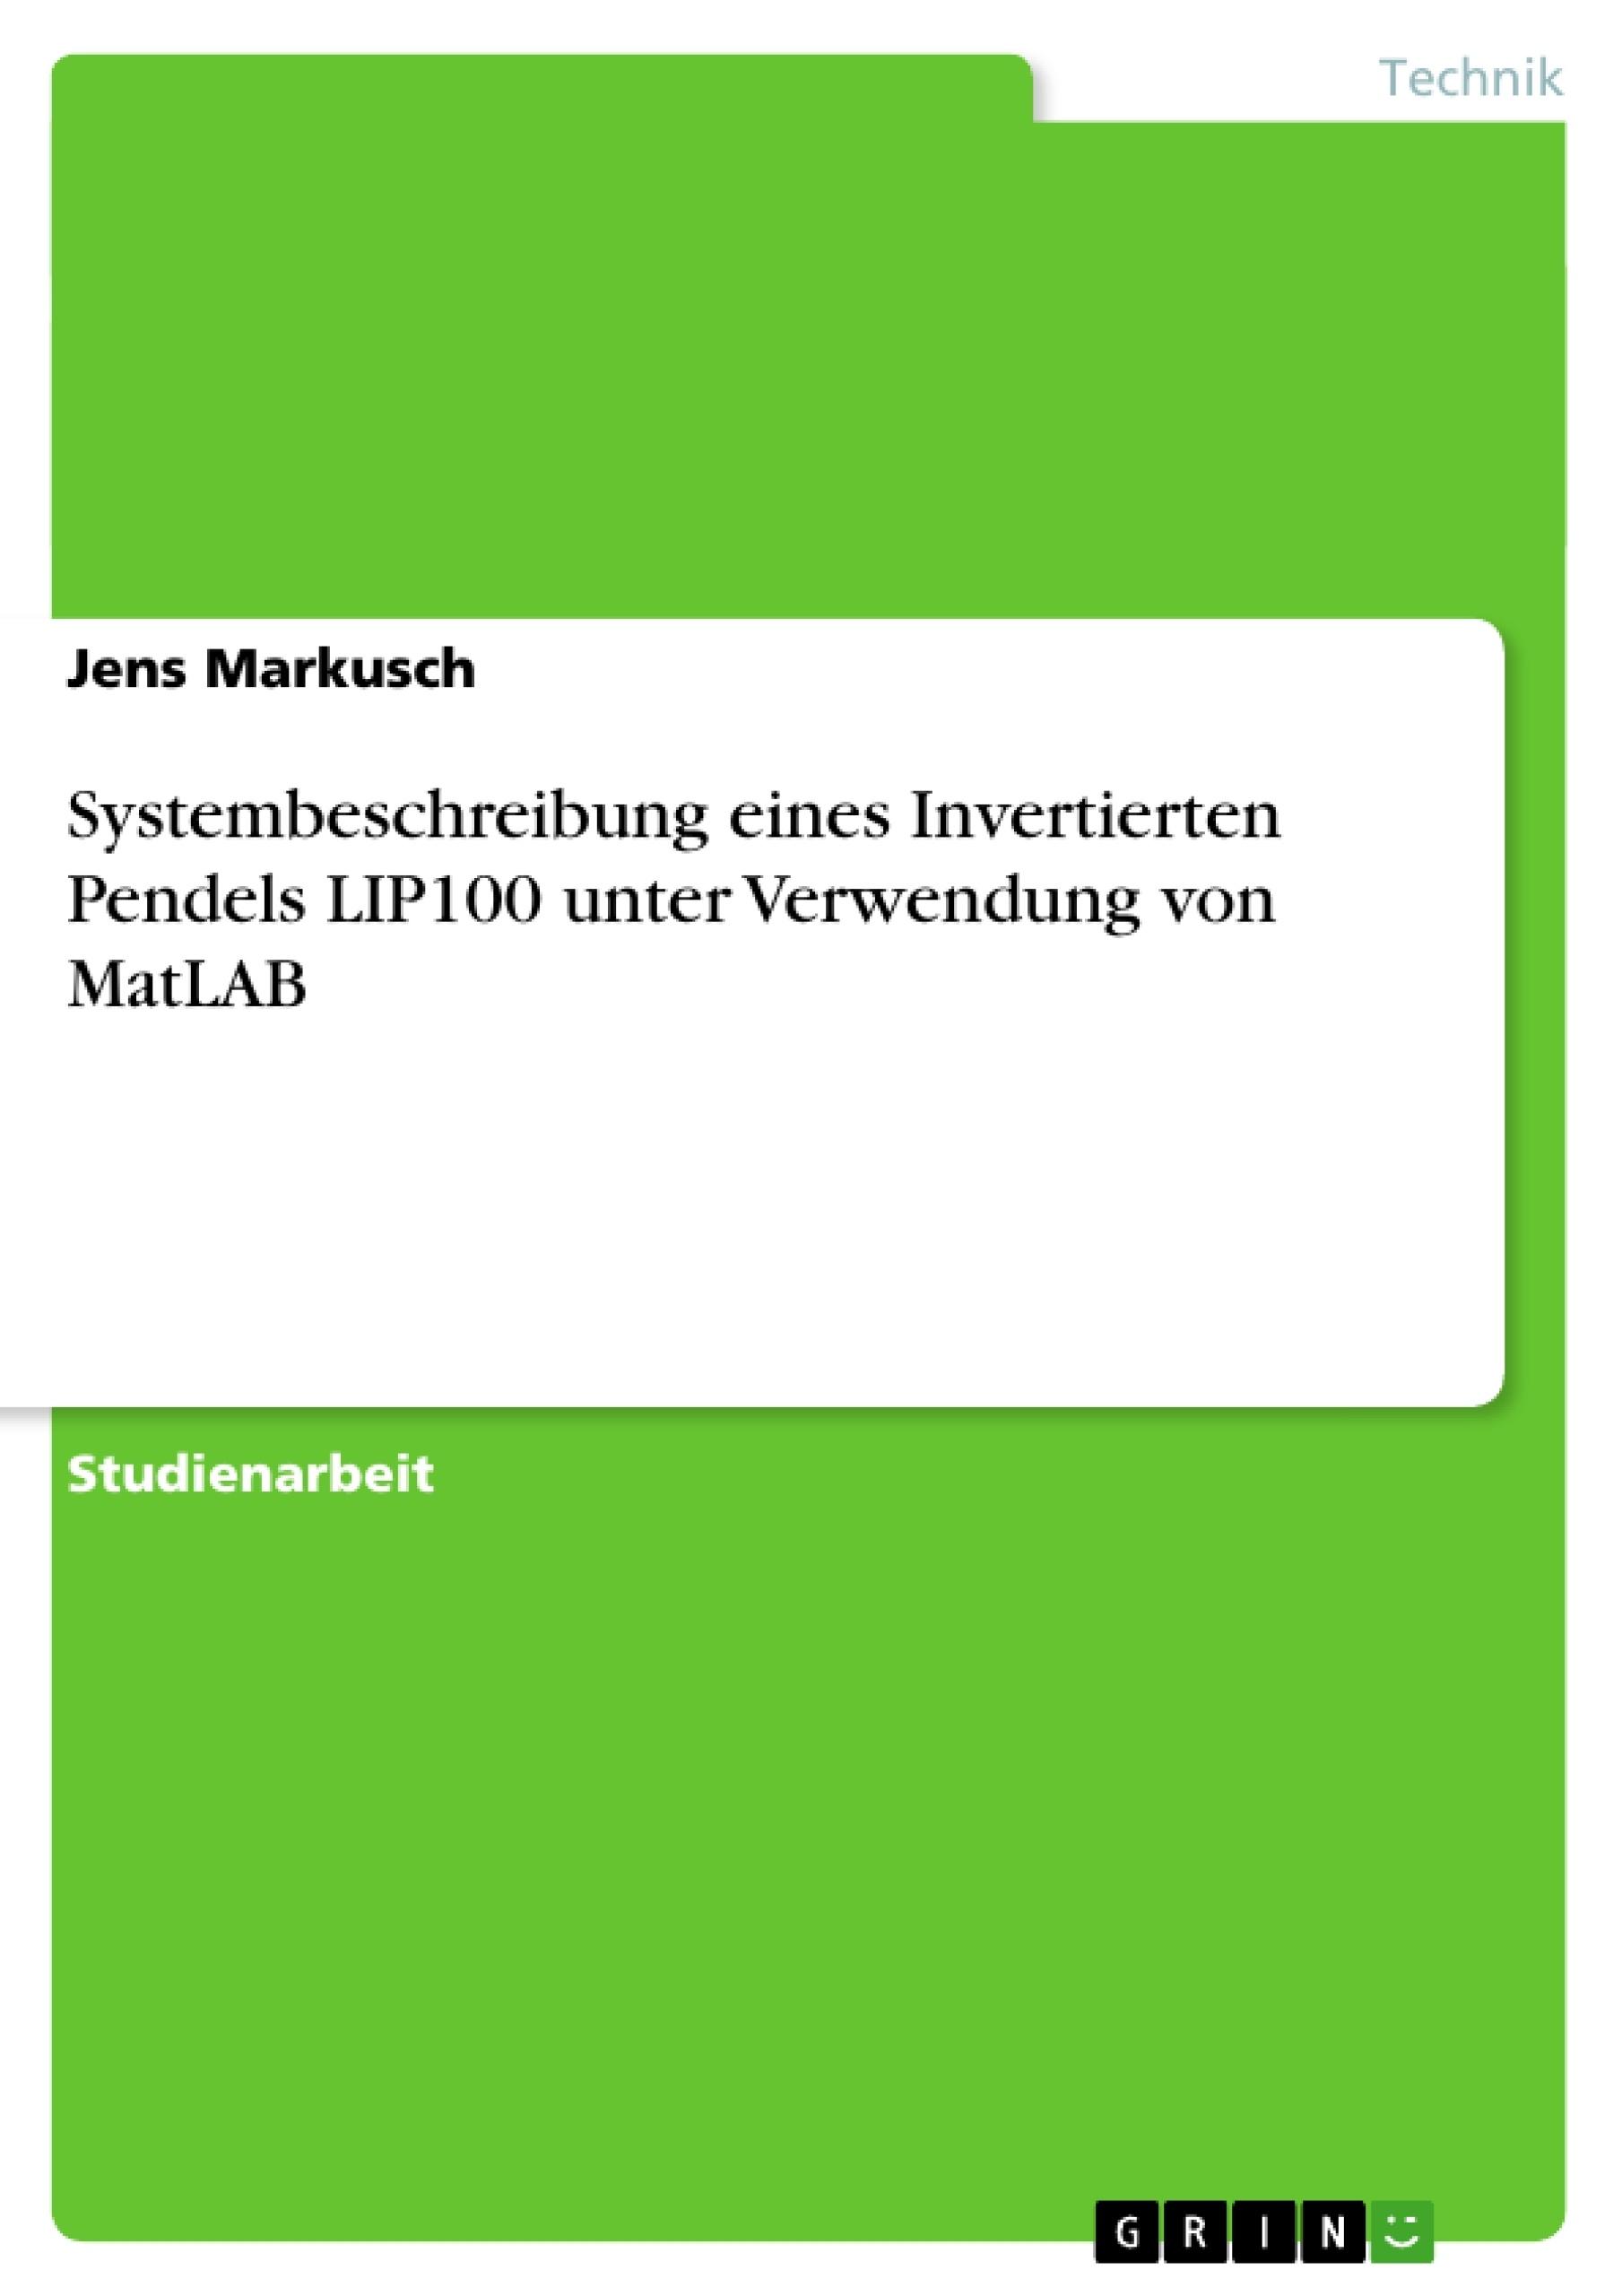 Titel: Systembeschreibung eines Invertierten Pendels LIP100 unter Verwendung von MatLAB